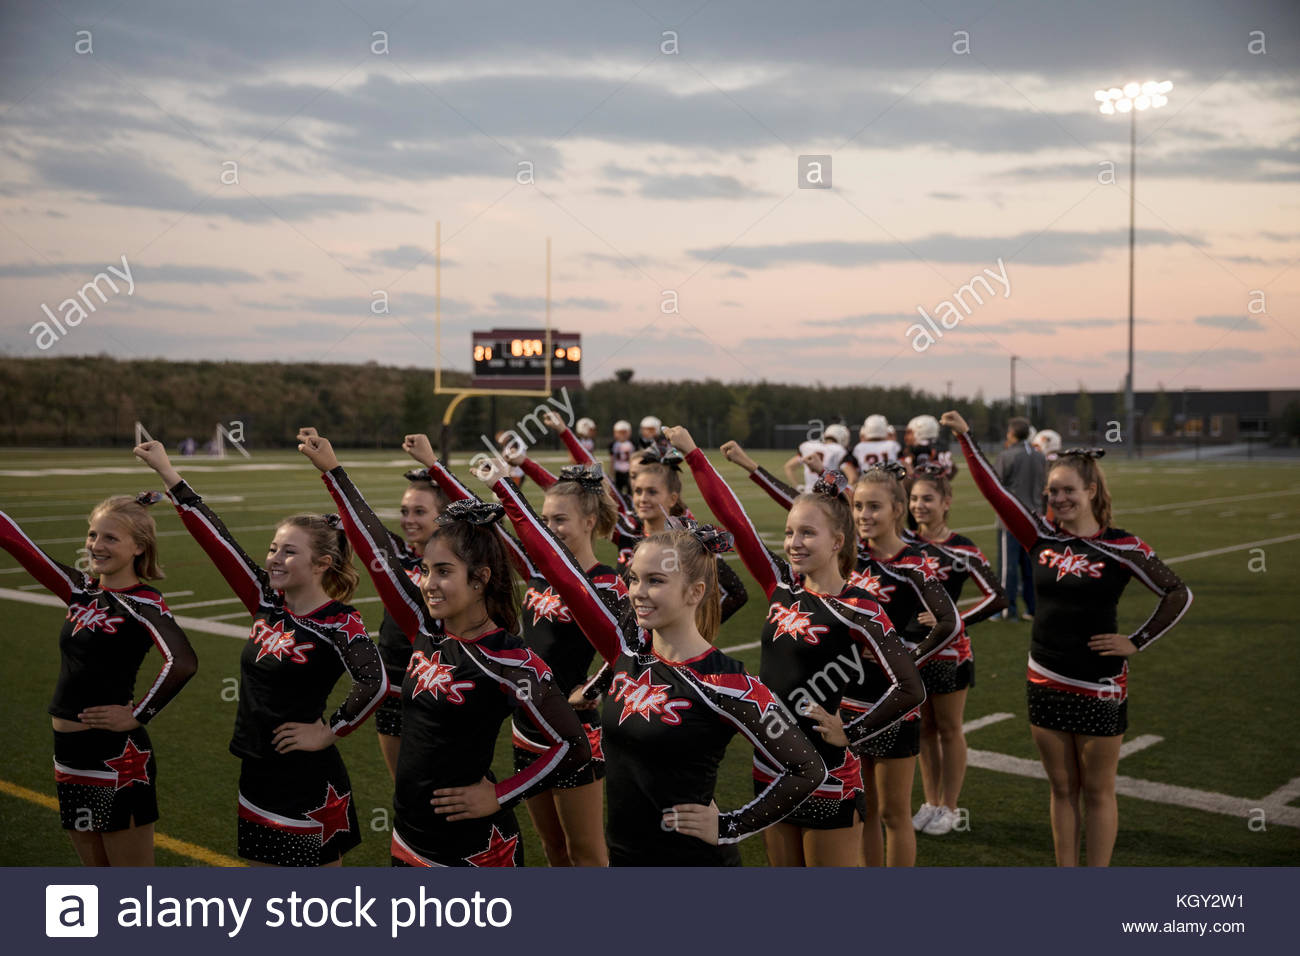 Teenage girl high school cheerleaders de marge de jeu sur terrain de football Photo Stock